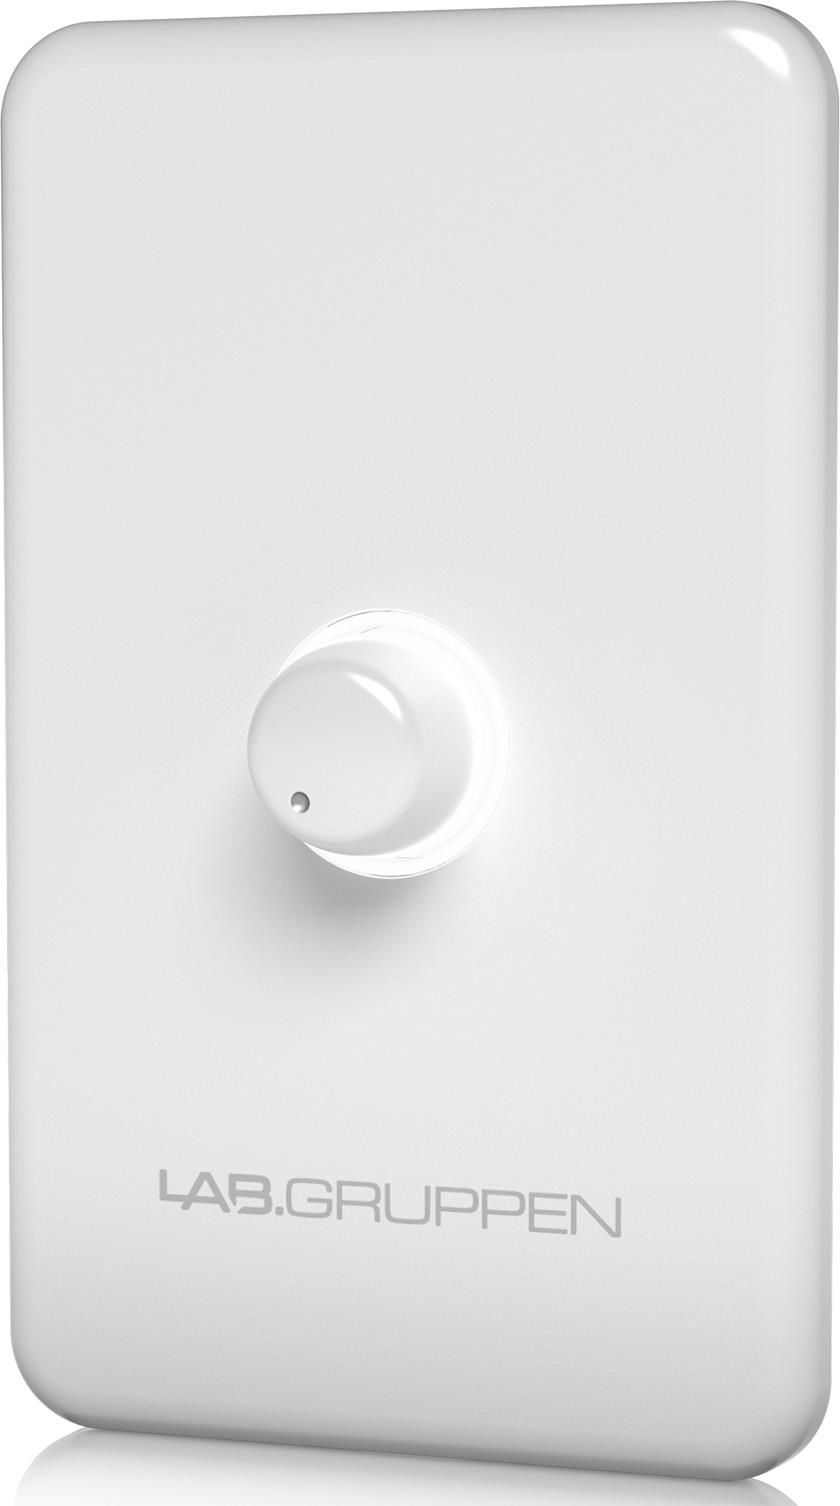 画像: 壁付け用ボリュームコントローラー (標準RJ45コネクターによる接続) CRC-VUL-WH(白) 価格:¥8,800(税込み)